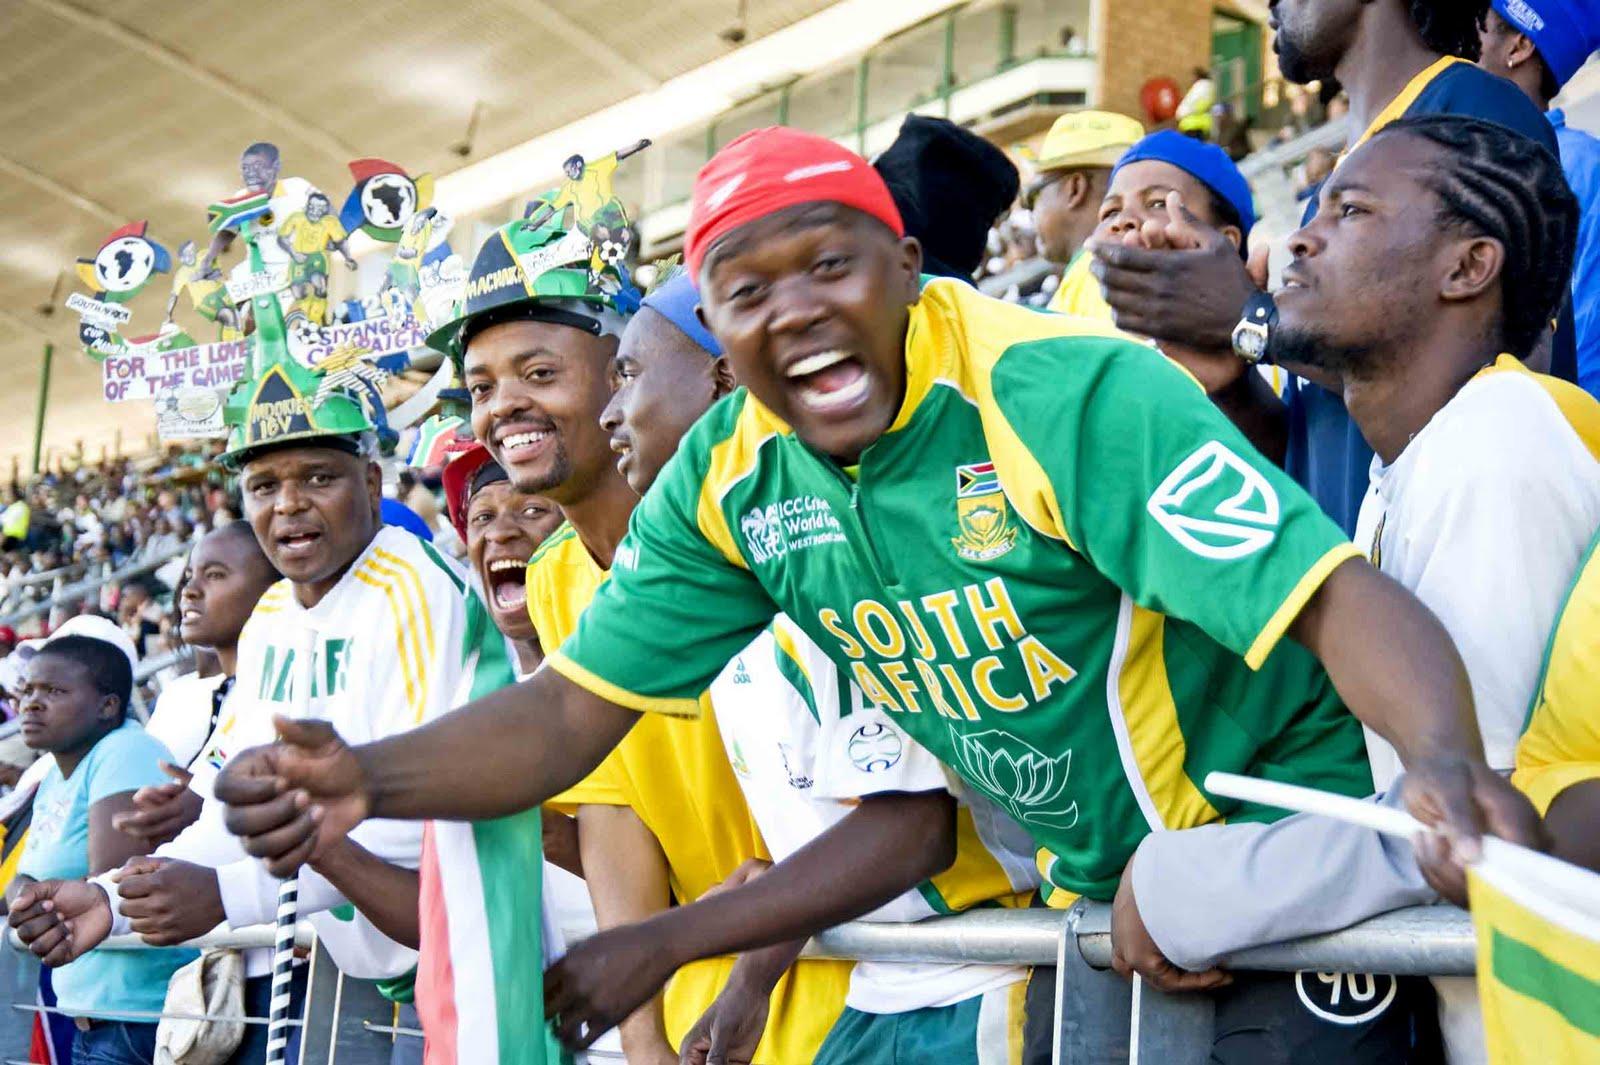 http://2.bp.blogspot.com/_r9TXKIwaBdw/TBnPPtH0DxI/AAAAAAAAHqQ/GWJ5-rvPvEo/s1600/World-Cup-Soccer-Fans.jpg